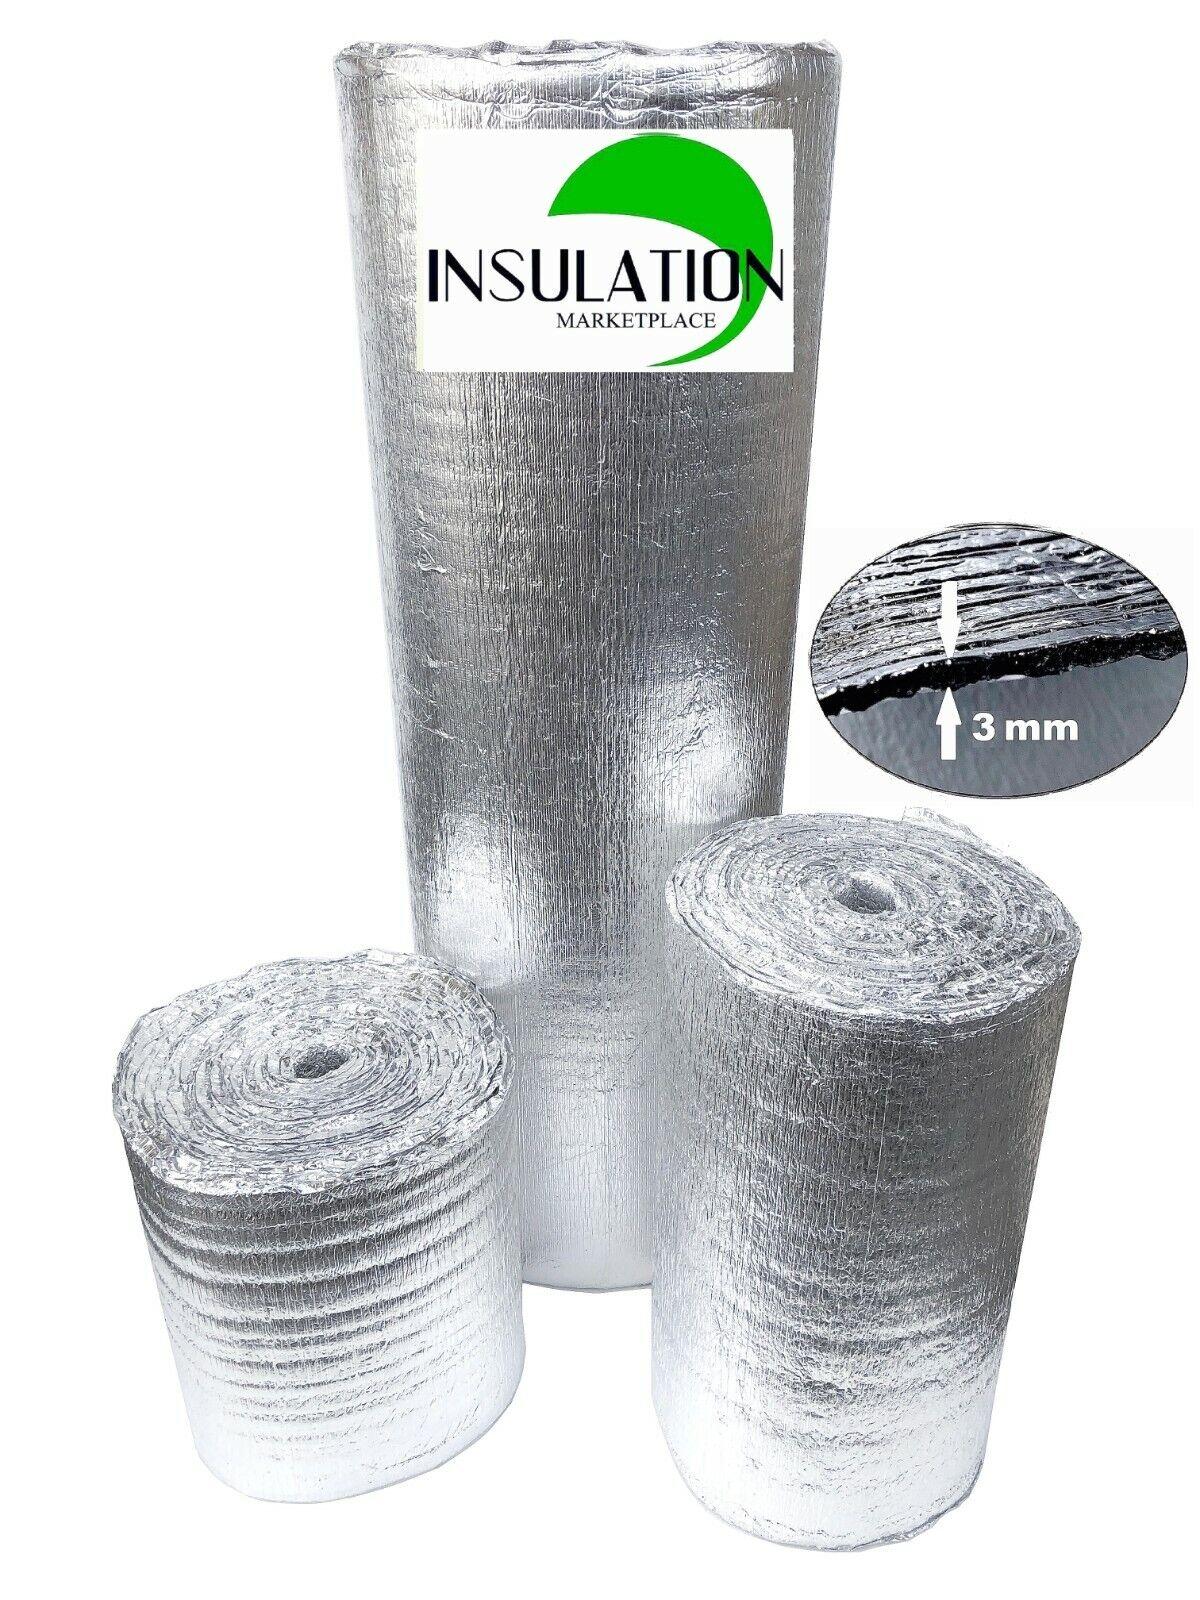 SmartSHIELD -3mm Reflective Insulation roll, Foam Core Radia